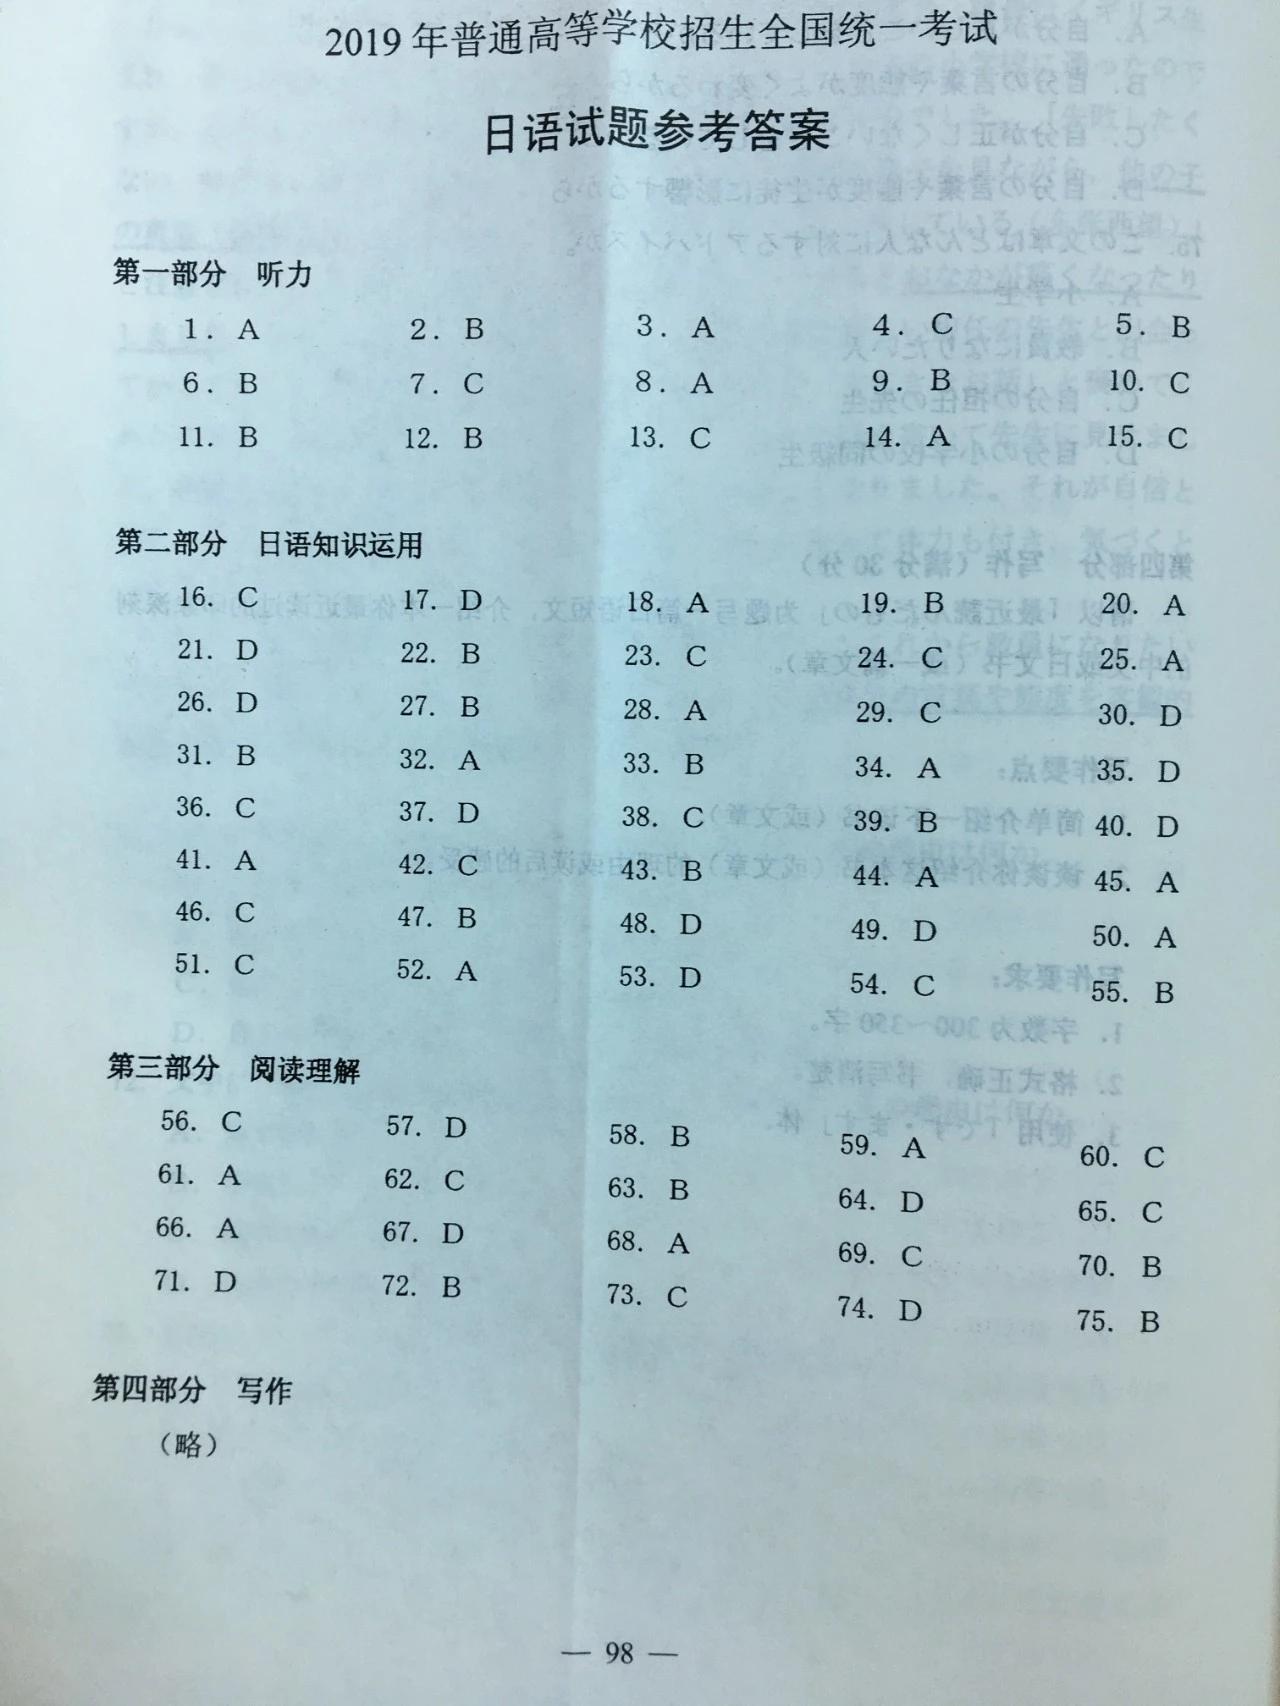 2019年高考全国卷1卷标准答案日语卷